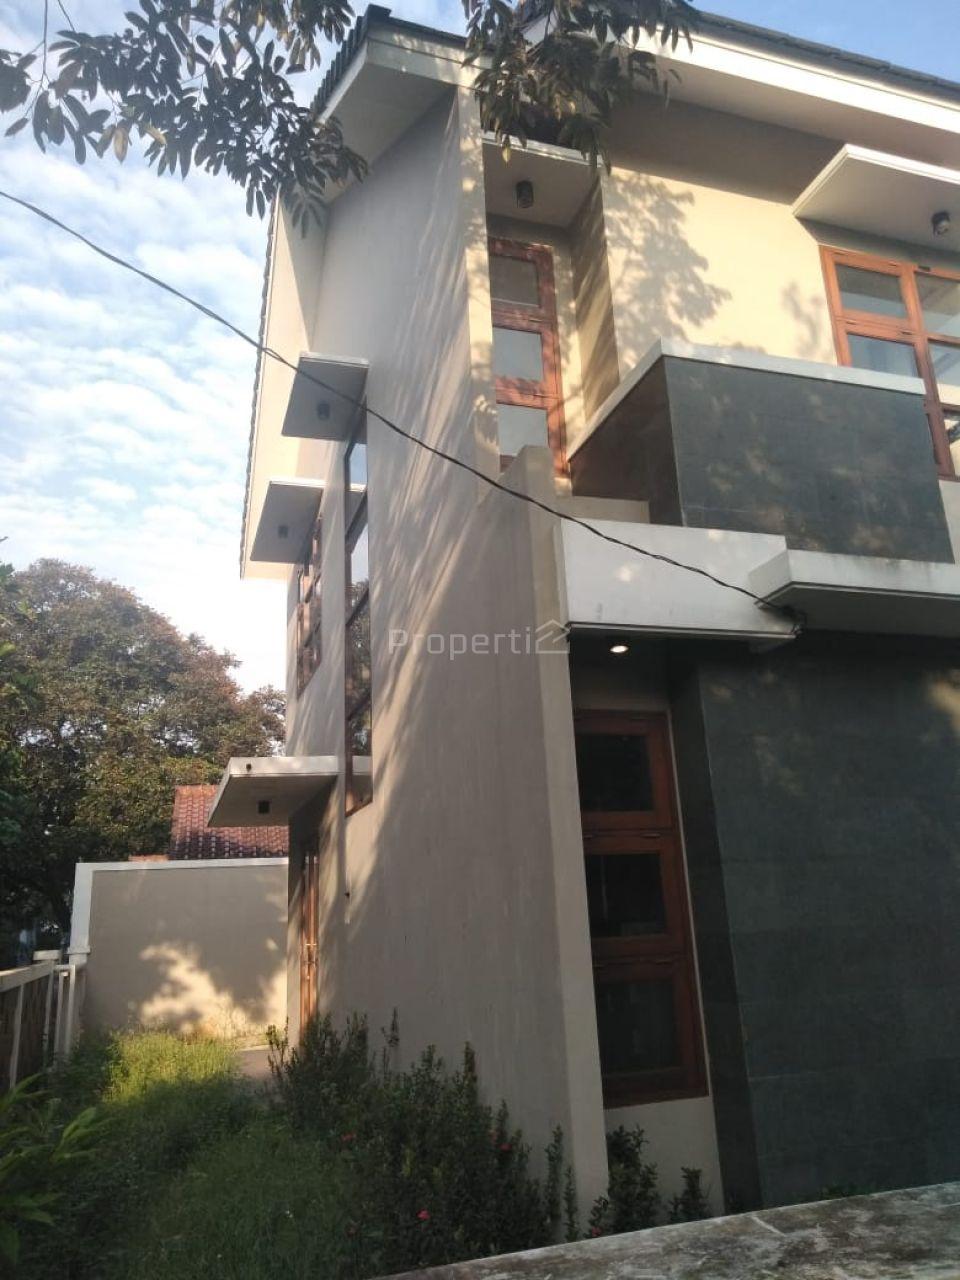 Rumah Baru 2 Lantai Posisi Hook di Bintaro, Pondok Aren